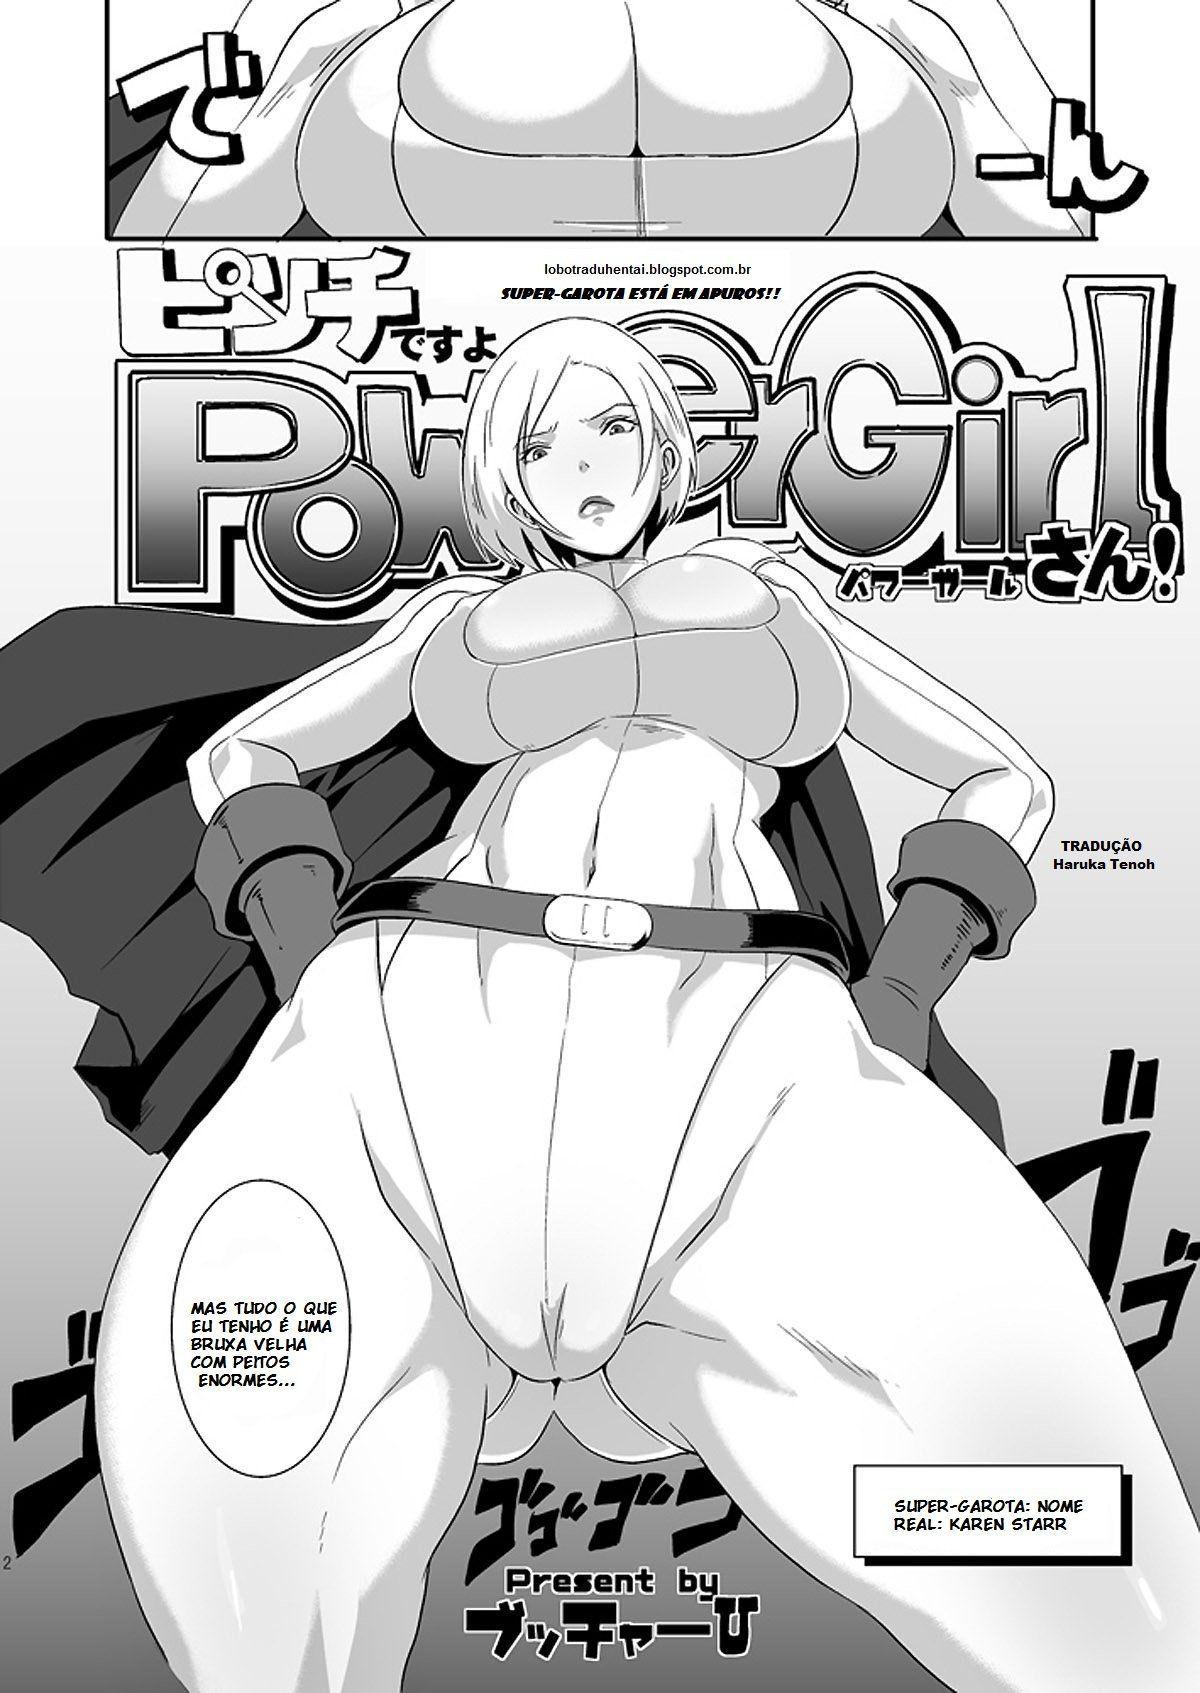 hentaihome.net-Super-garota-esta-em-apuros-2